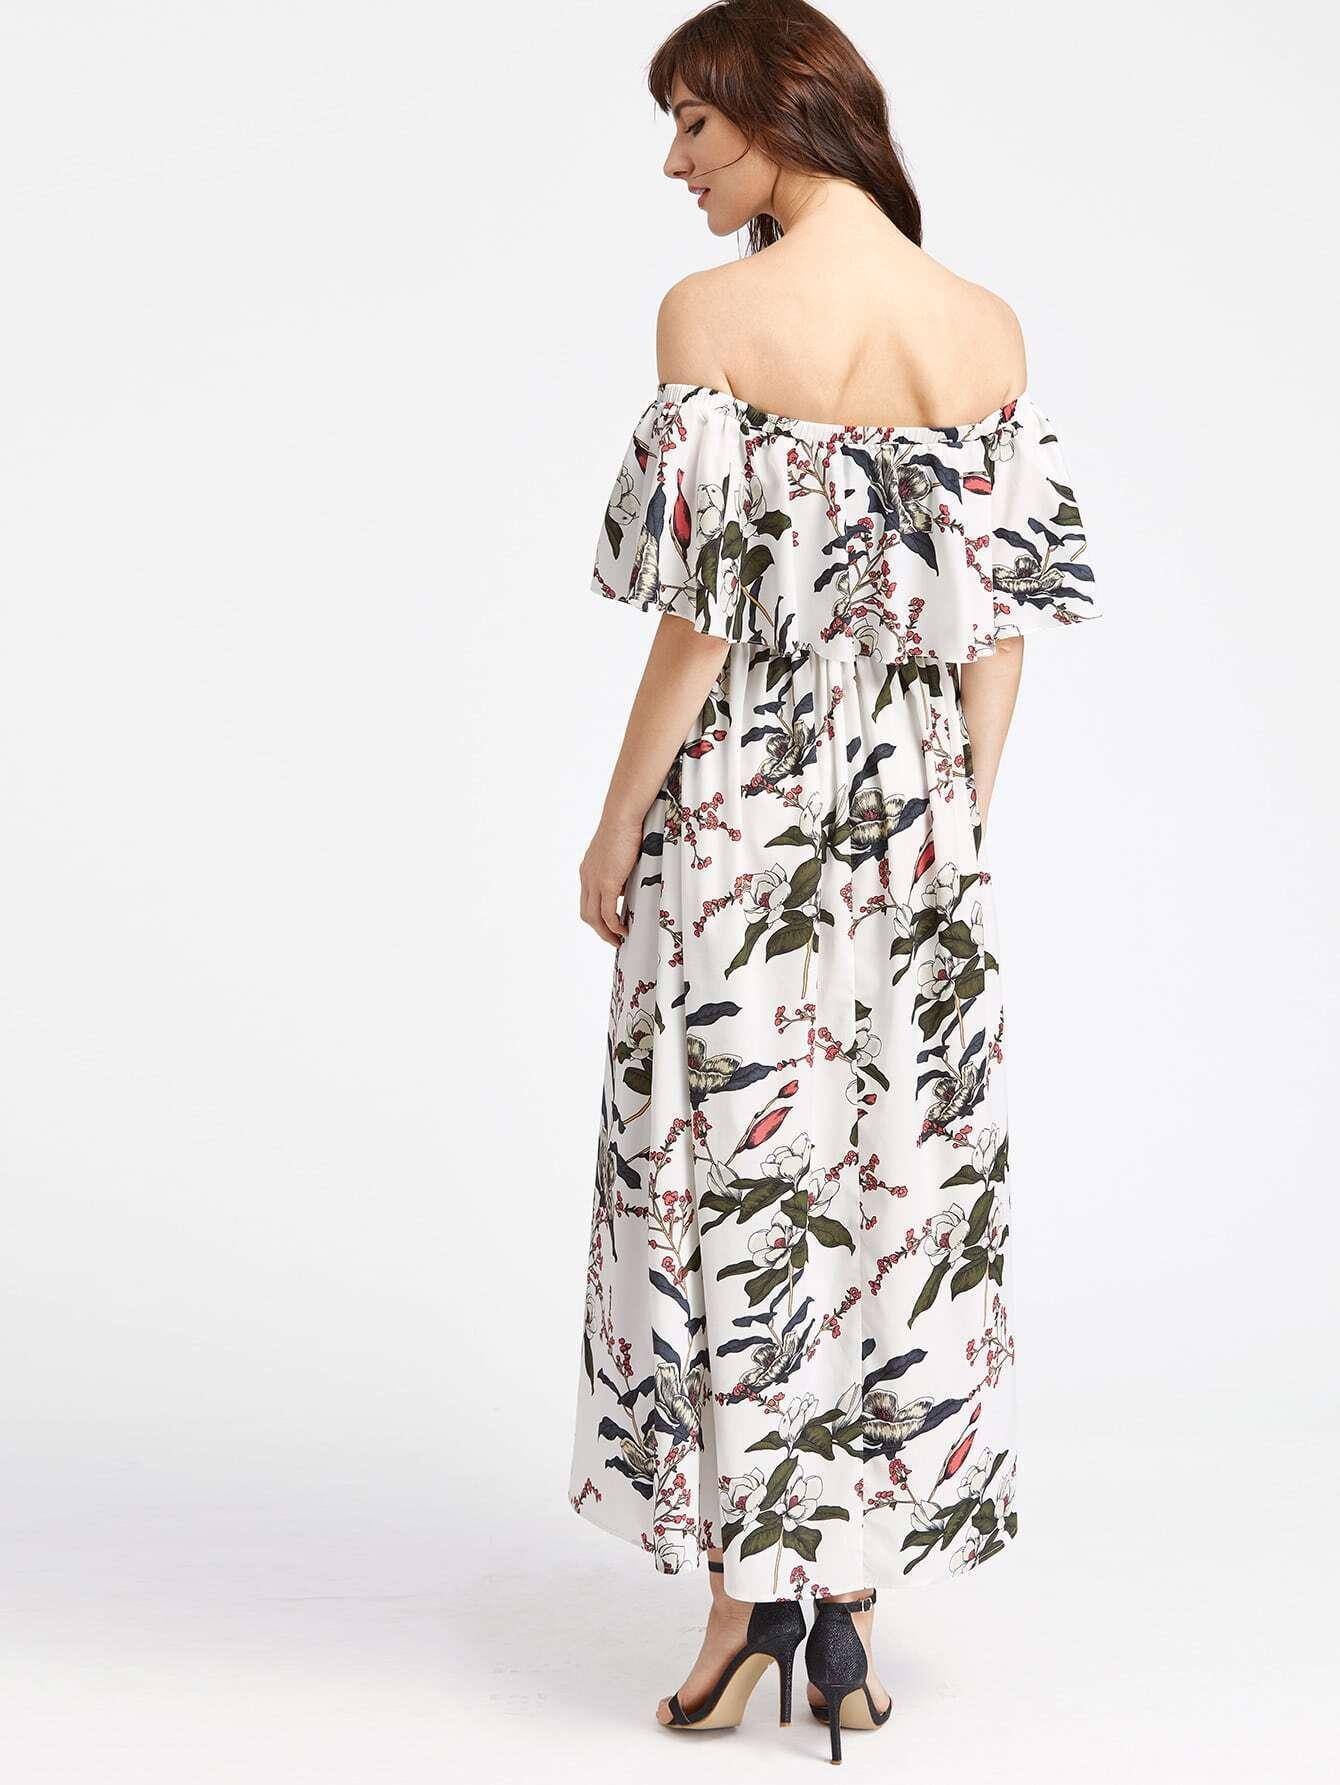 dress170310710_2